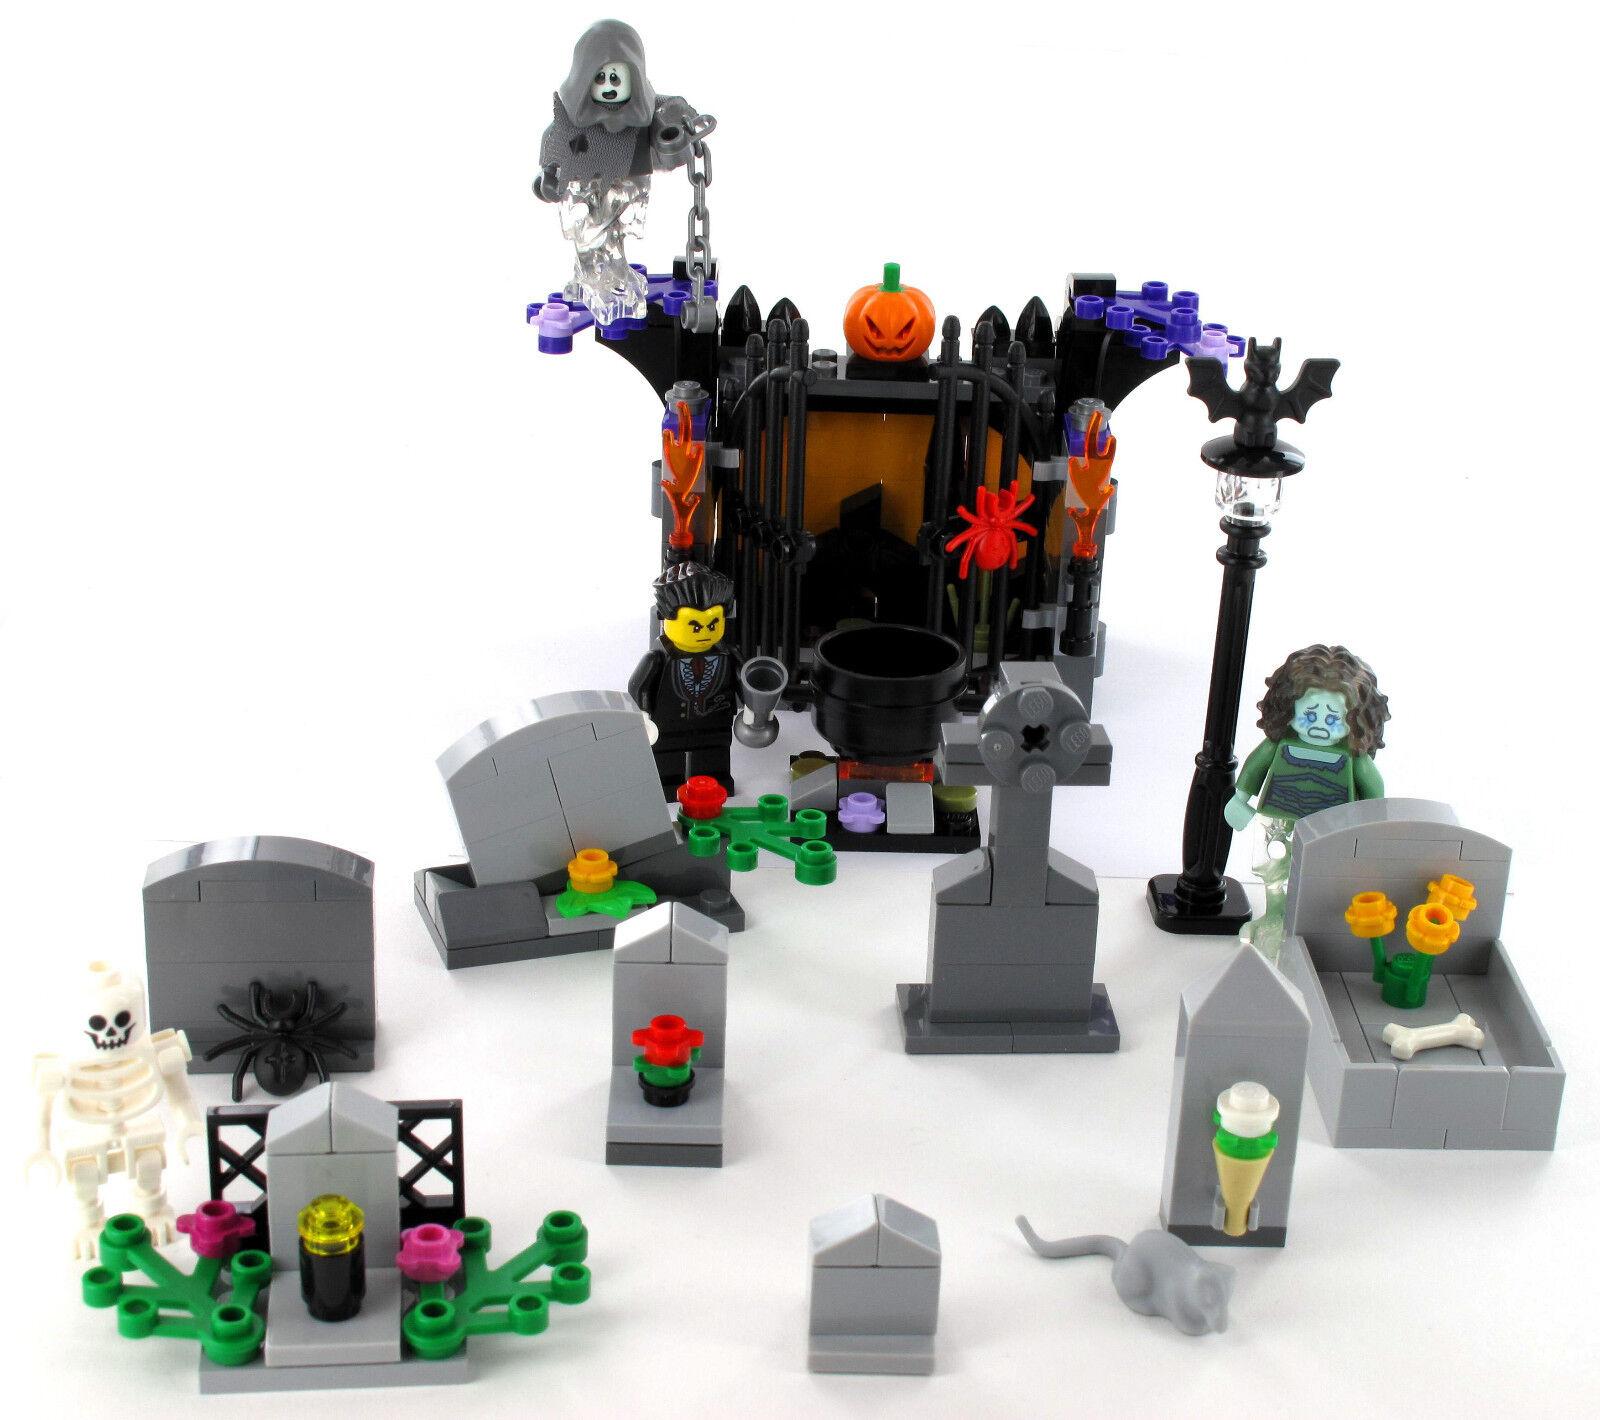 LEGO Friedhof mit Gruft, Grabsteine, Vampir, Skelett, Halloween, Minifigur 71010